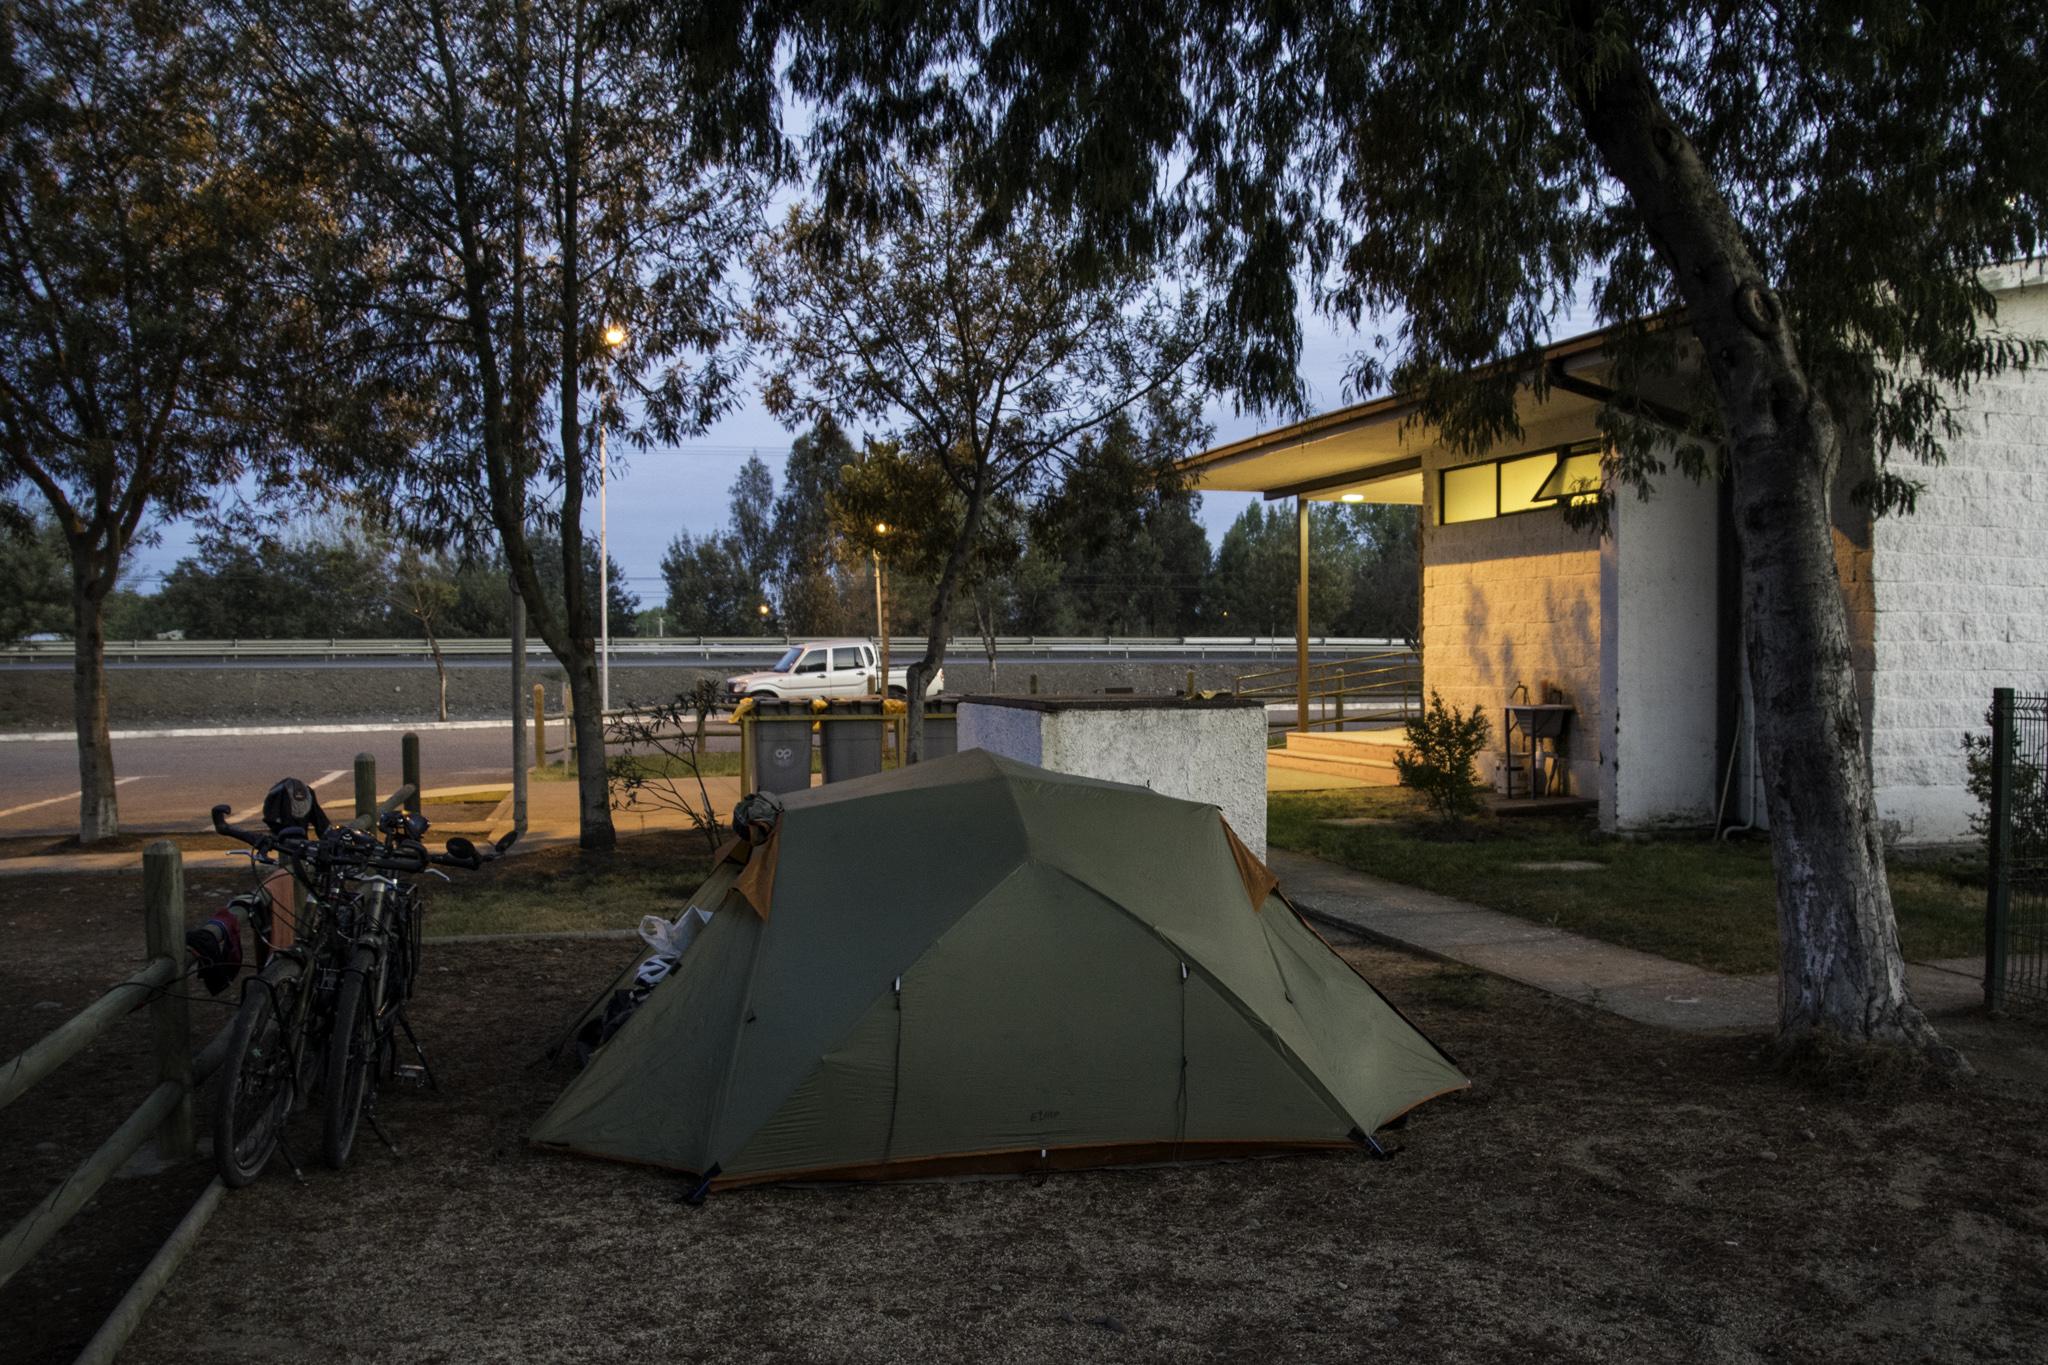 Zelten bei der Autobahnaufsicht - der Nachtwächter hat auch auf uns ein wenig aufgepasst